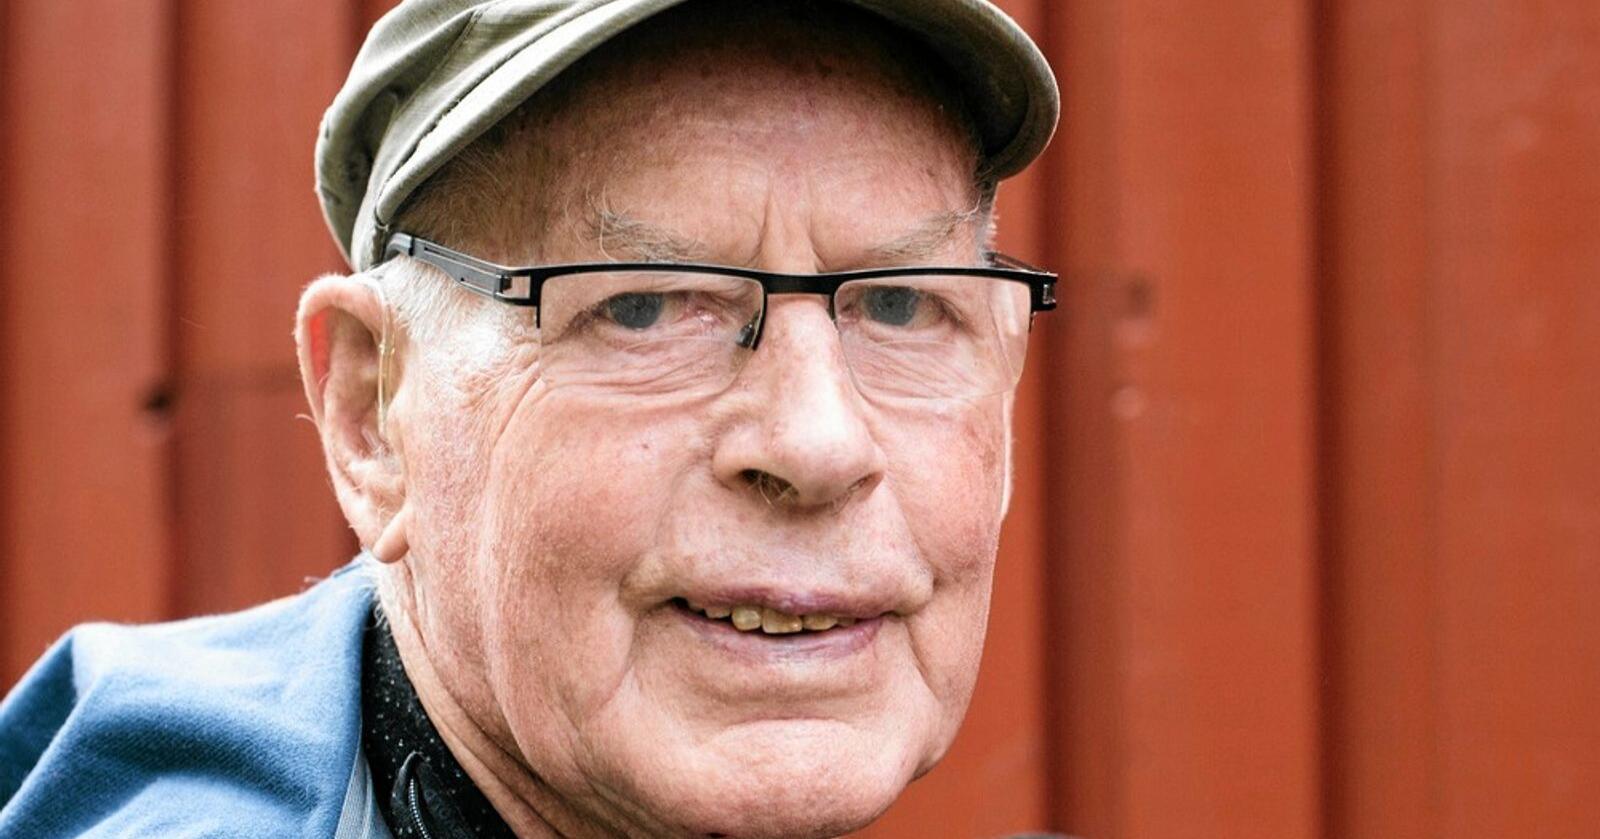 Har gått bort: Ole Fatland var i aktivt arbeid til han var 75 år, men han så verdien i at neste generasjon fikk overta i rett alder. Foto: Fatland